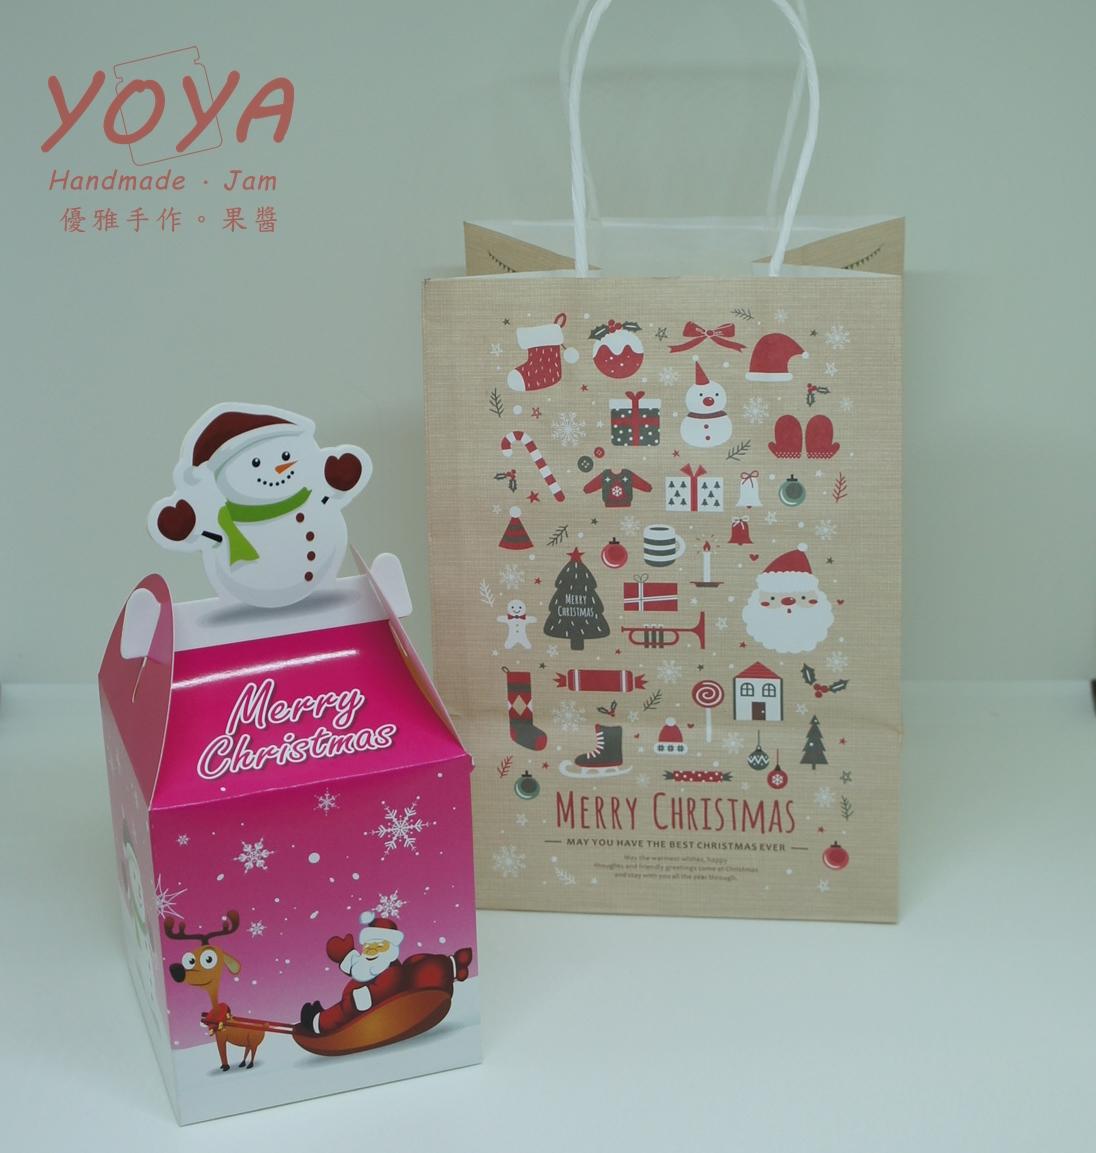 **禮盒加購**優雅手作 X 聖誕節禮盒(雪人)